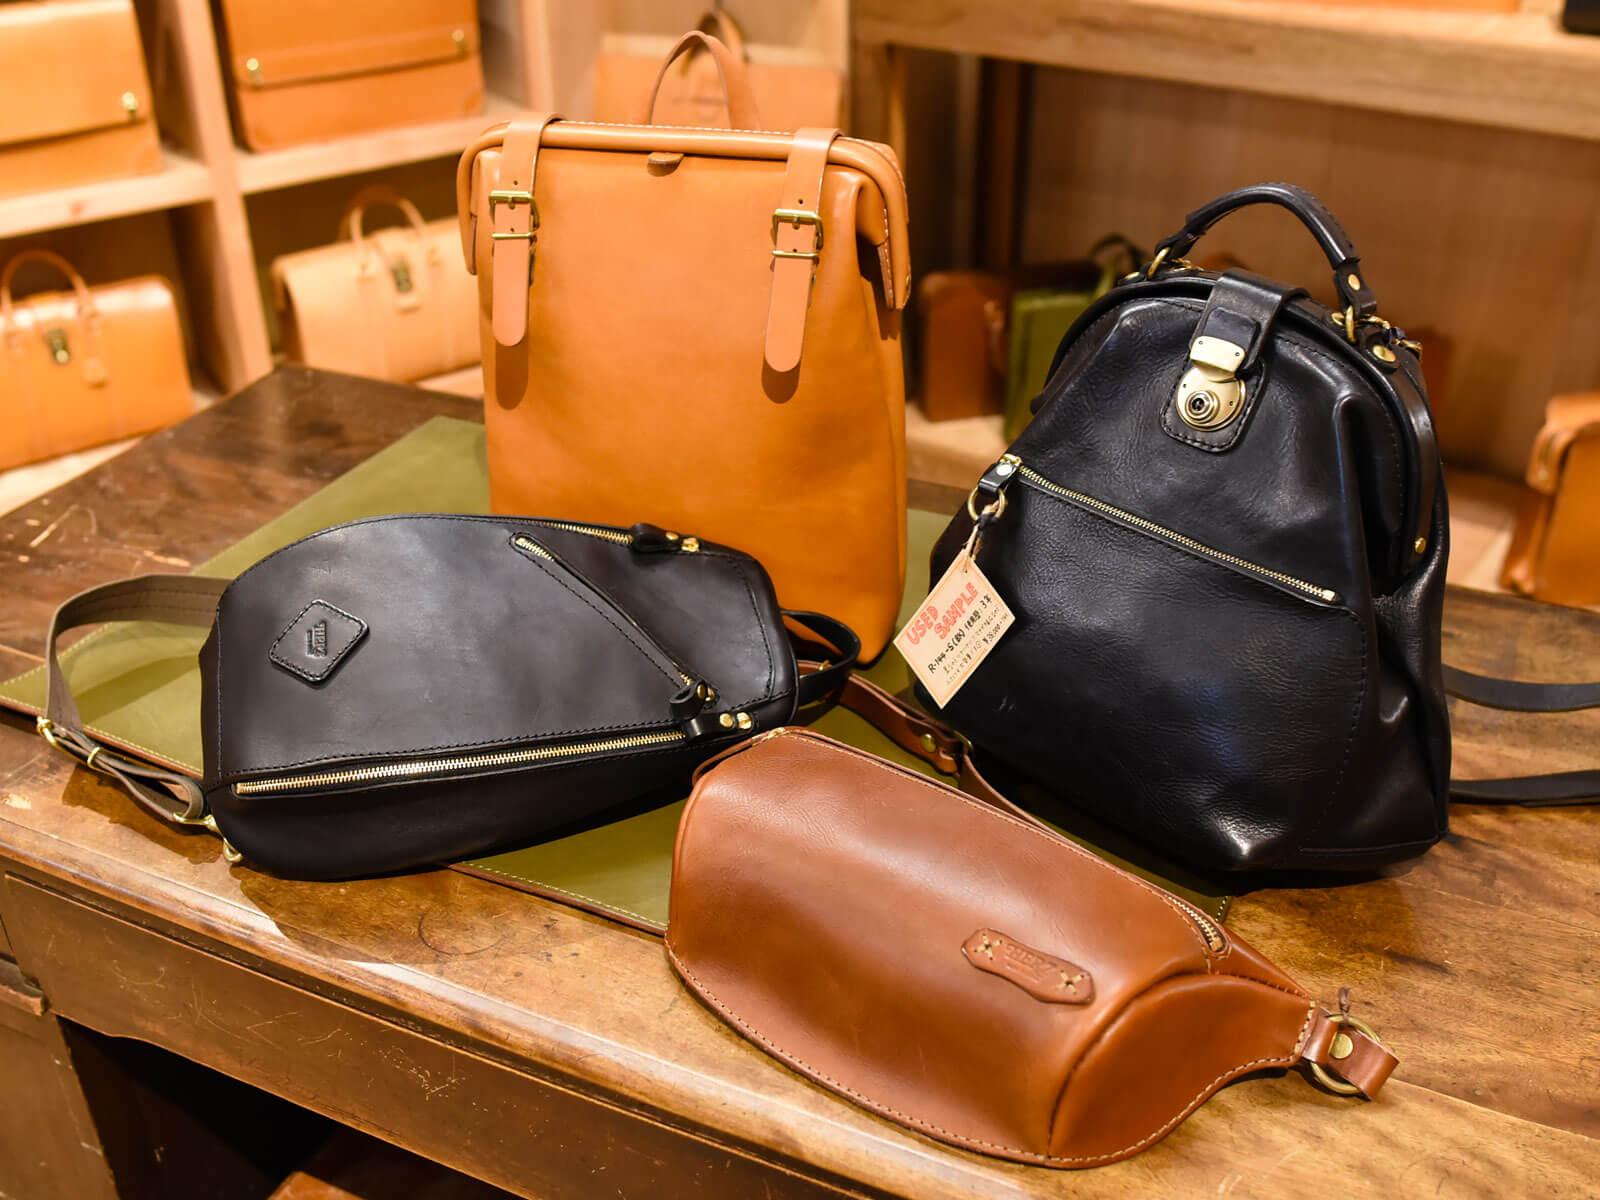 ヘルツ本店より、お電話でのご案内とロングセラーバッグのご紹介